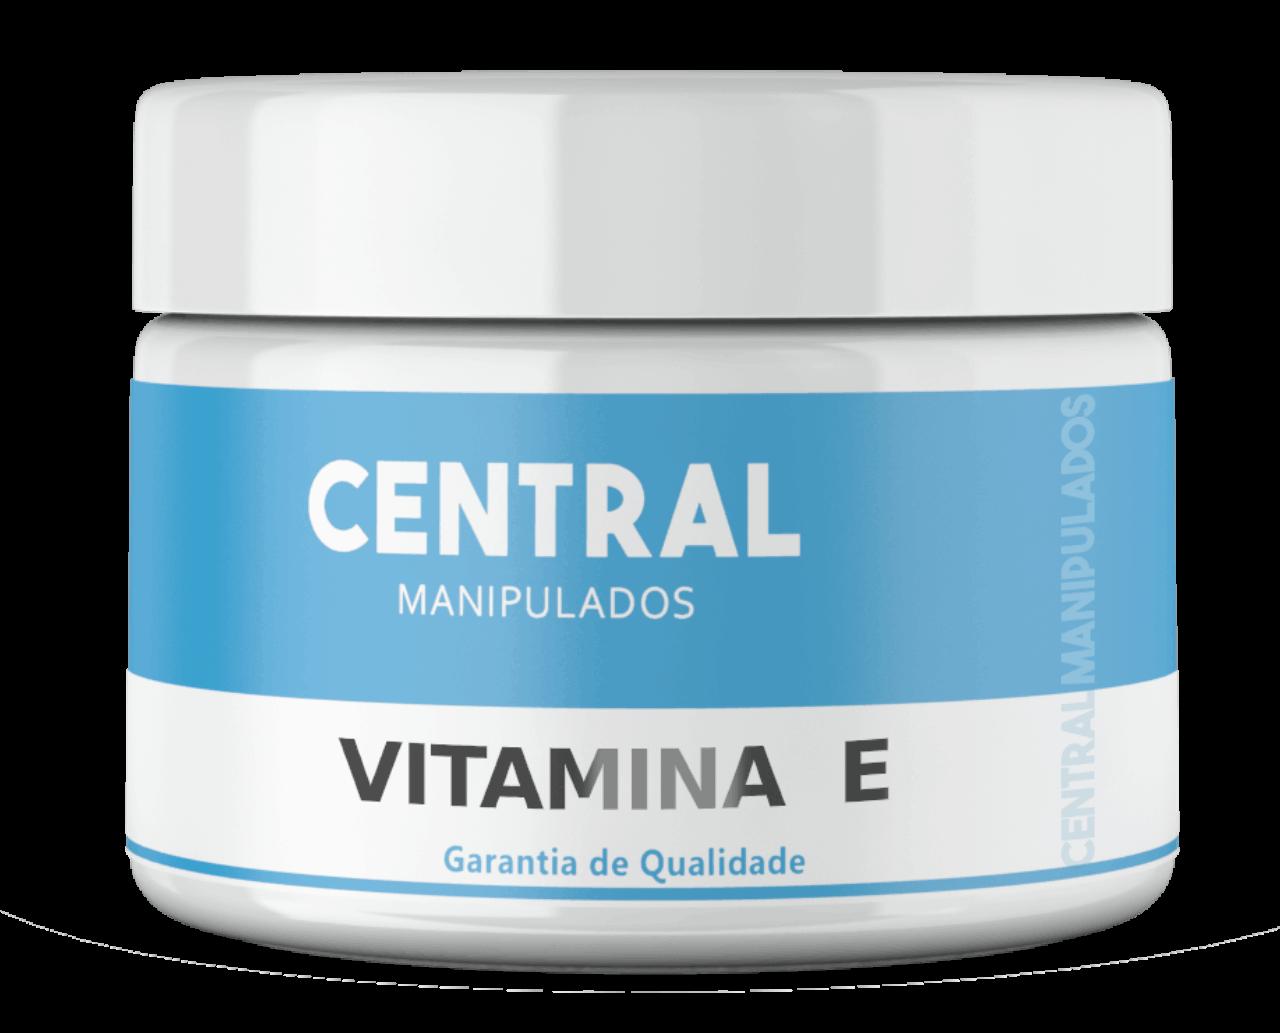 Vitamina E 2% - Creme 30g - Antioxidante para Pele, Anti-envelhecimento celular